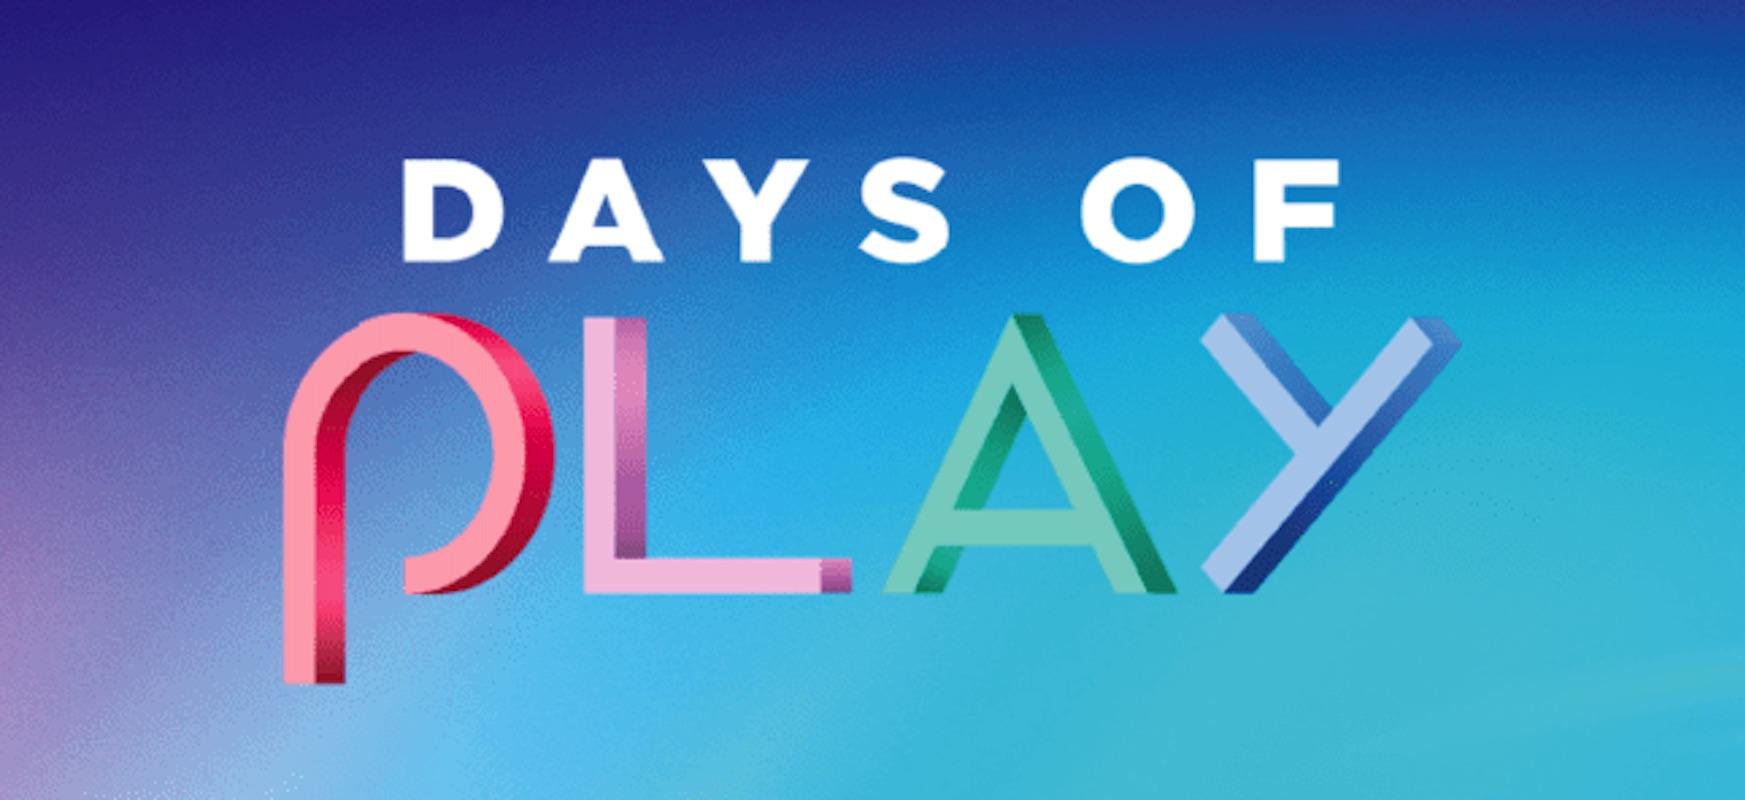 PlayStation Days of Play 2020 egun ofizialki dago.  Promozioen zerrenda dugu